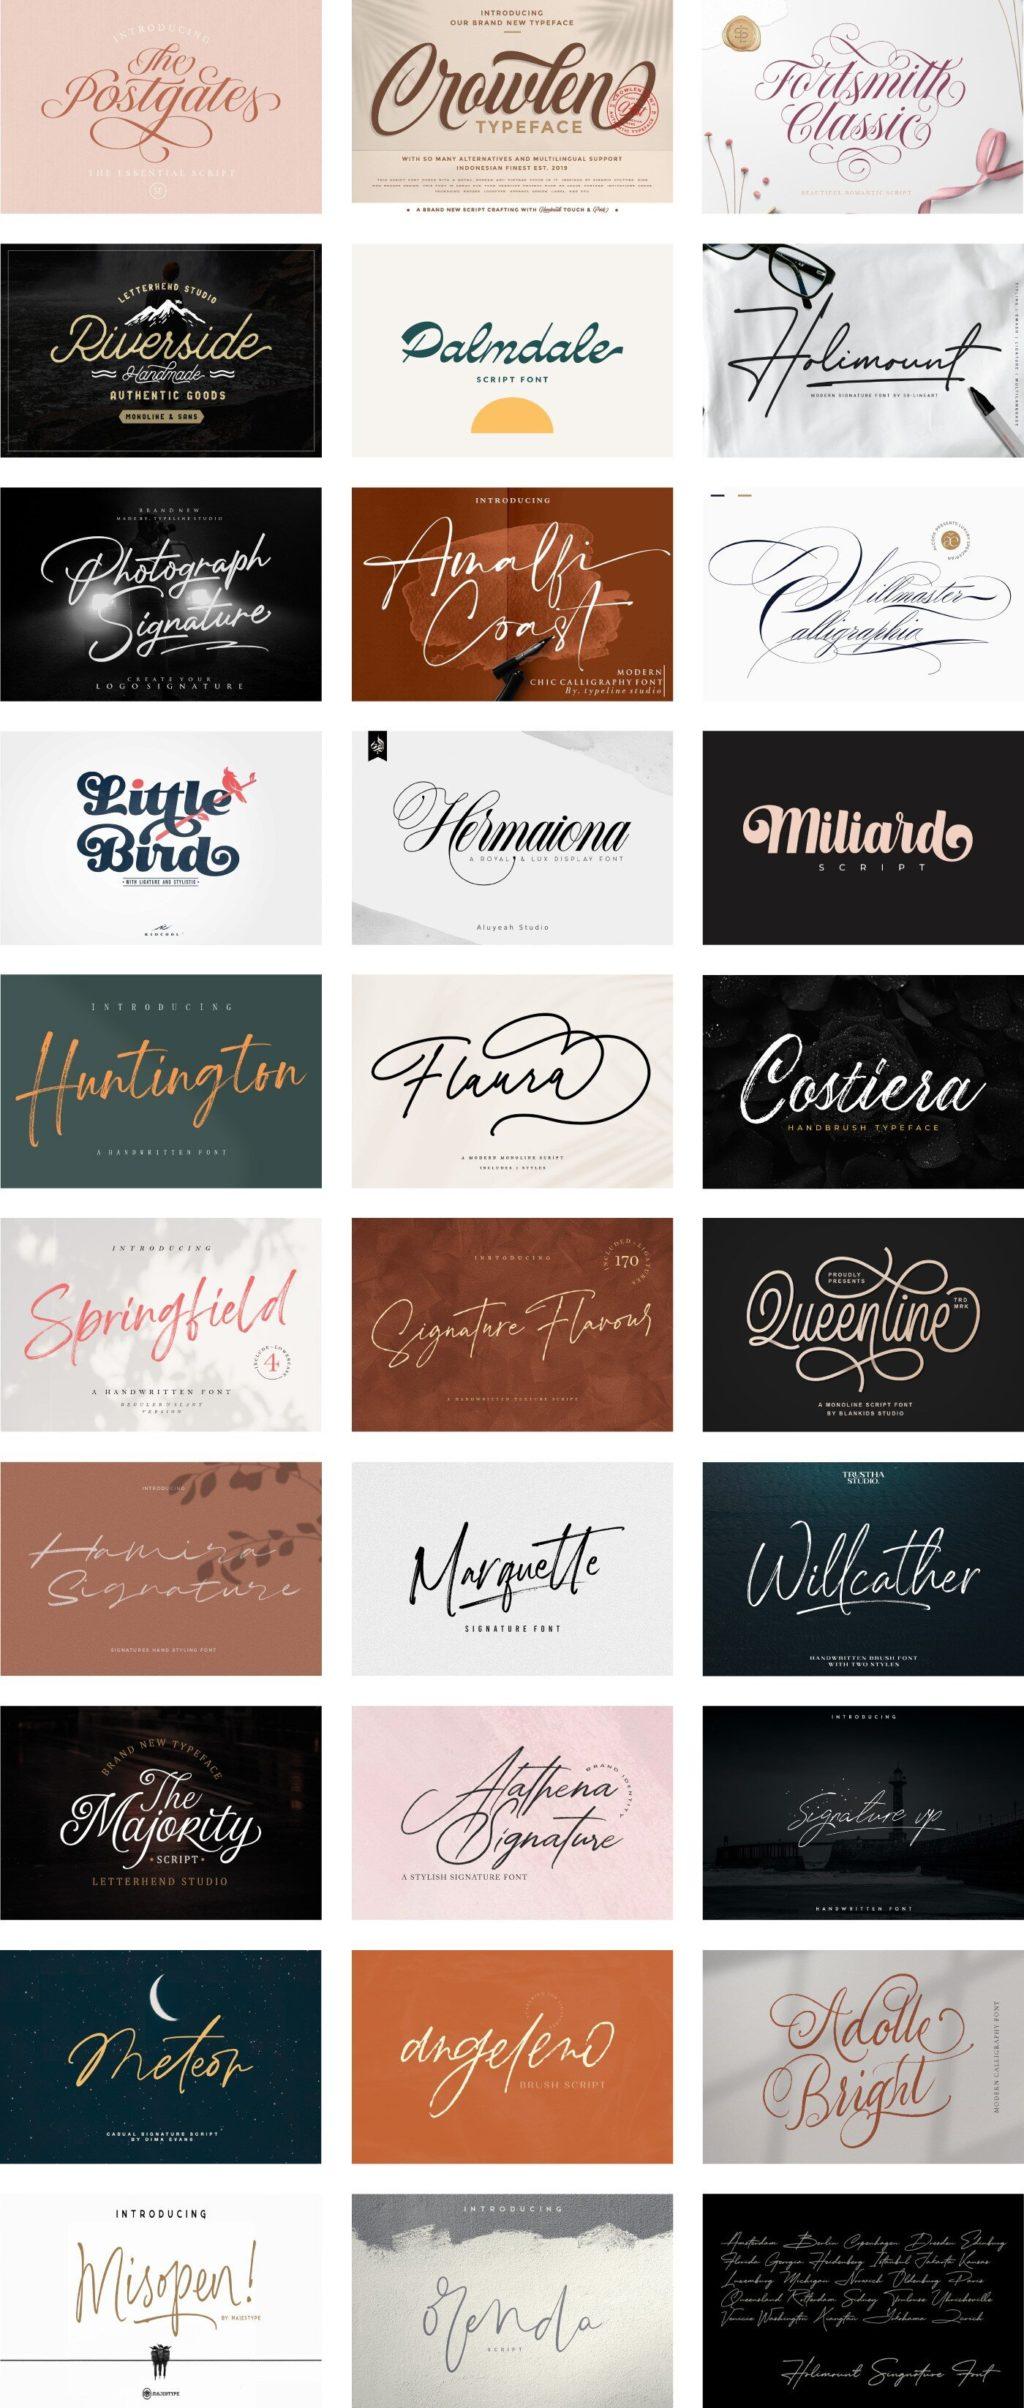 The Versatile Script Font Bundle